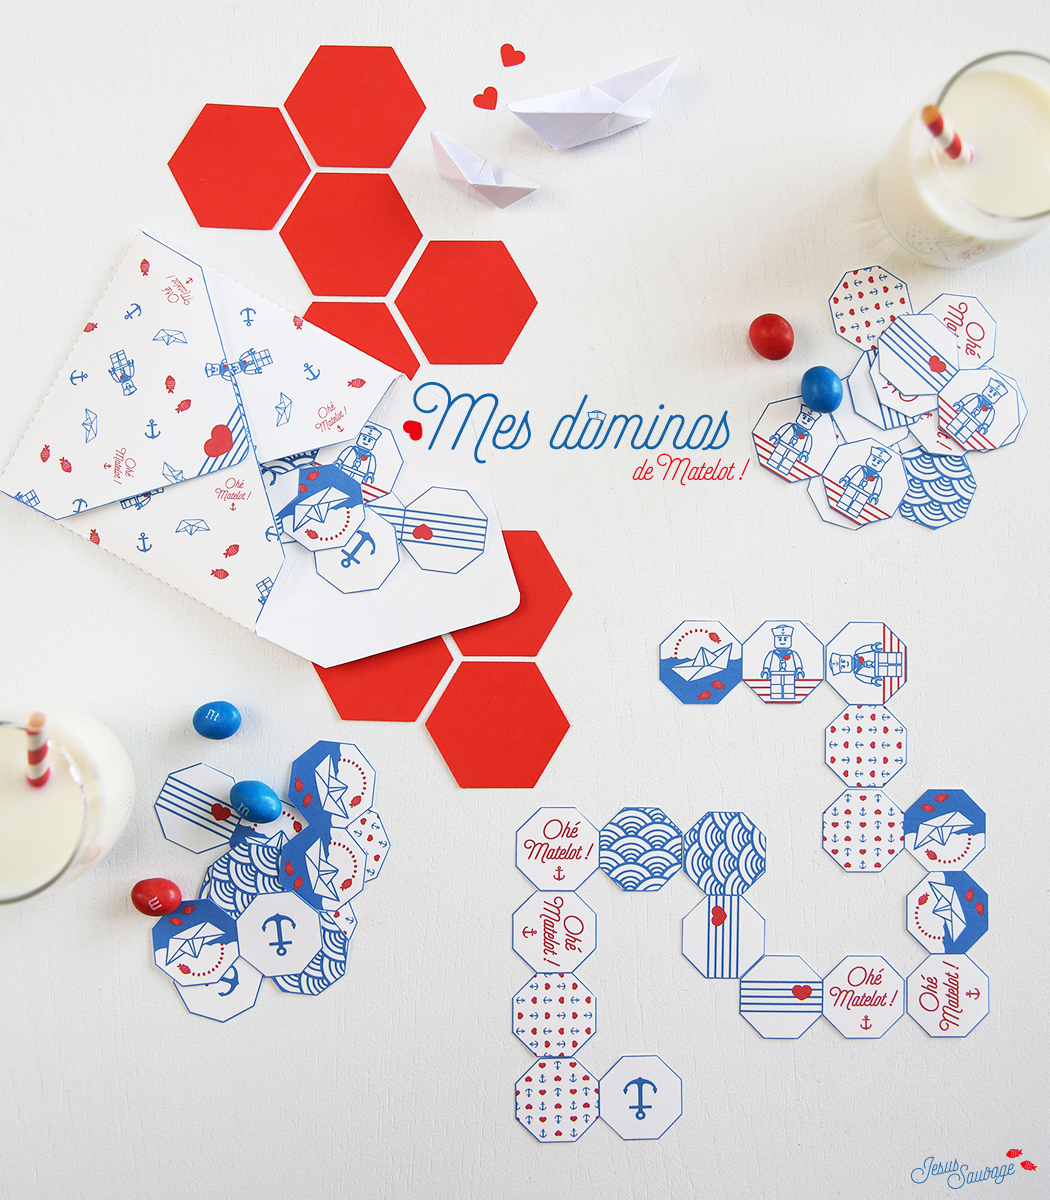 Dominos_5titre_Freeprintable_JesusSauvage